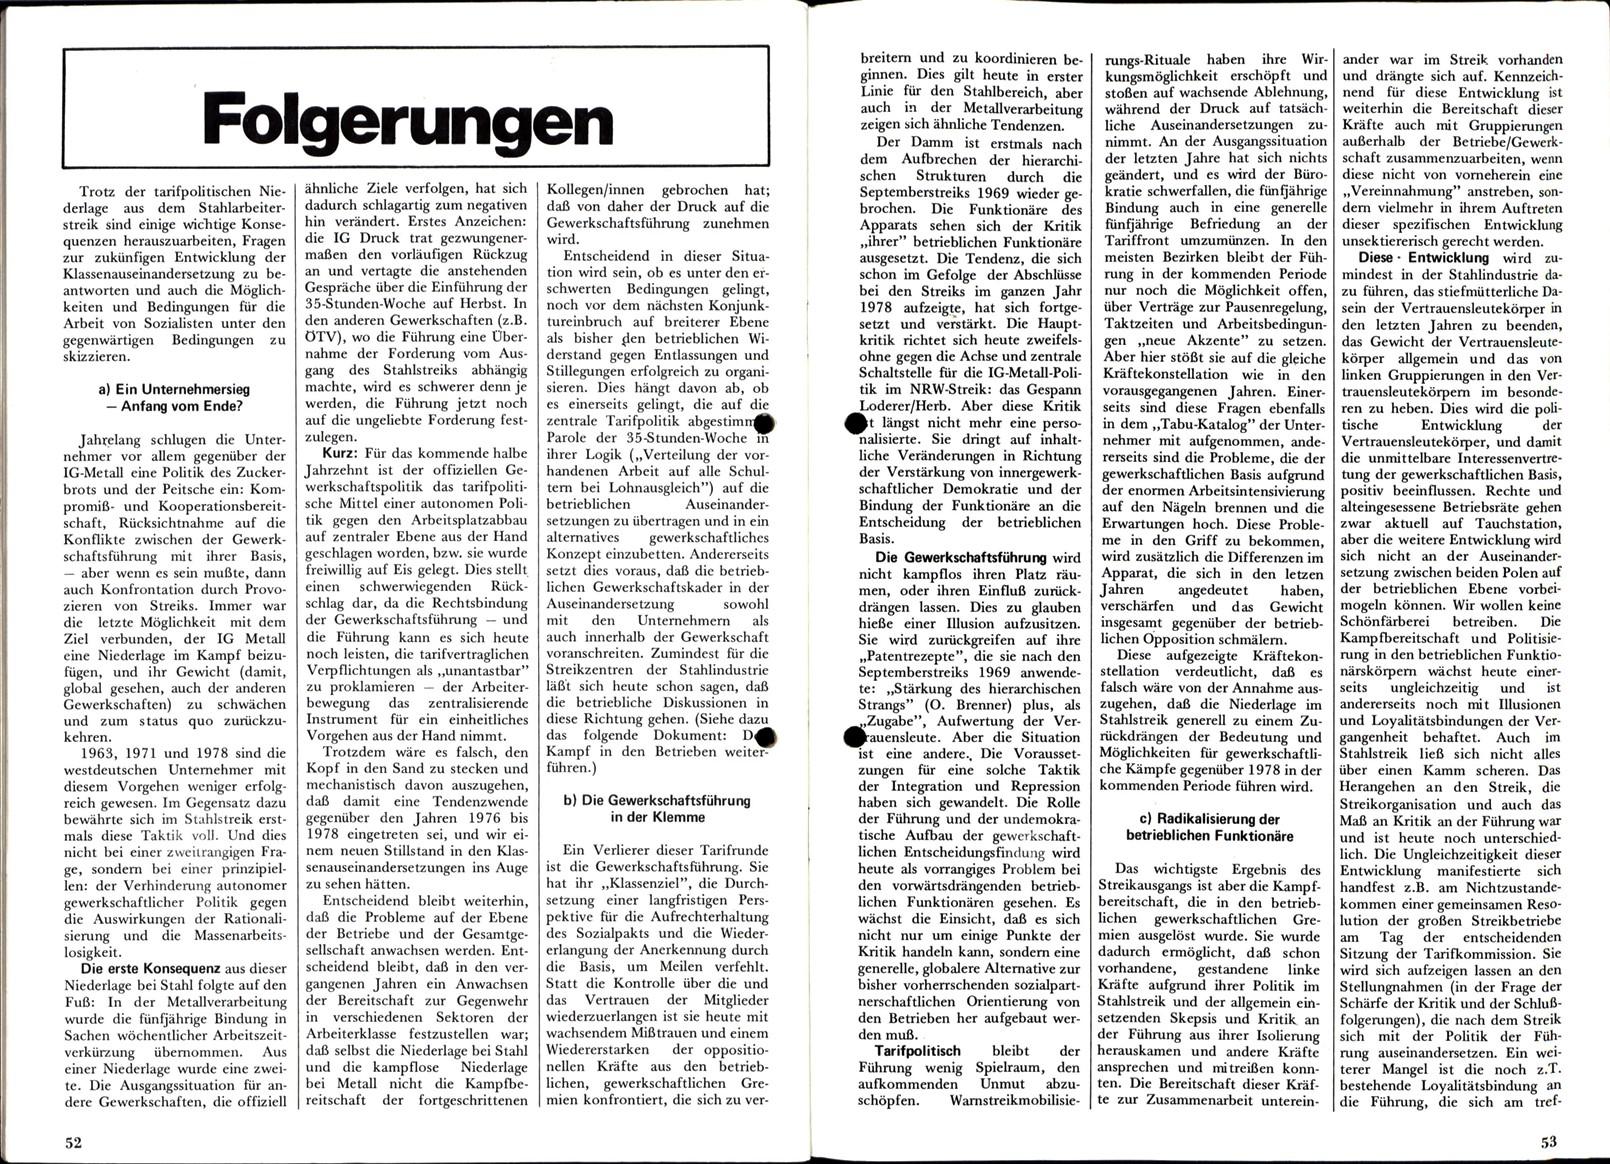 Bonn_RZ_20_19790200_27